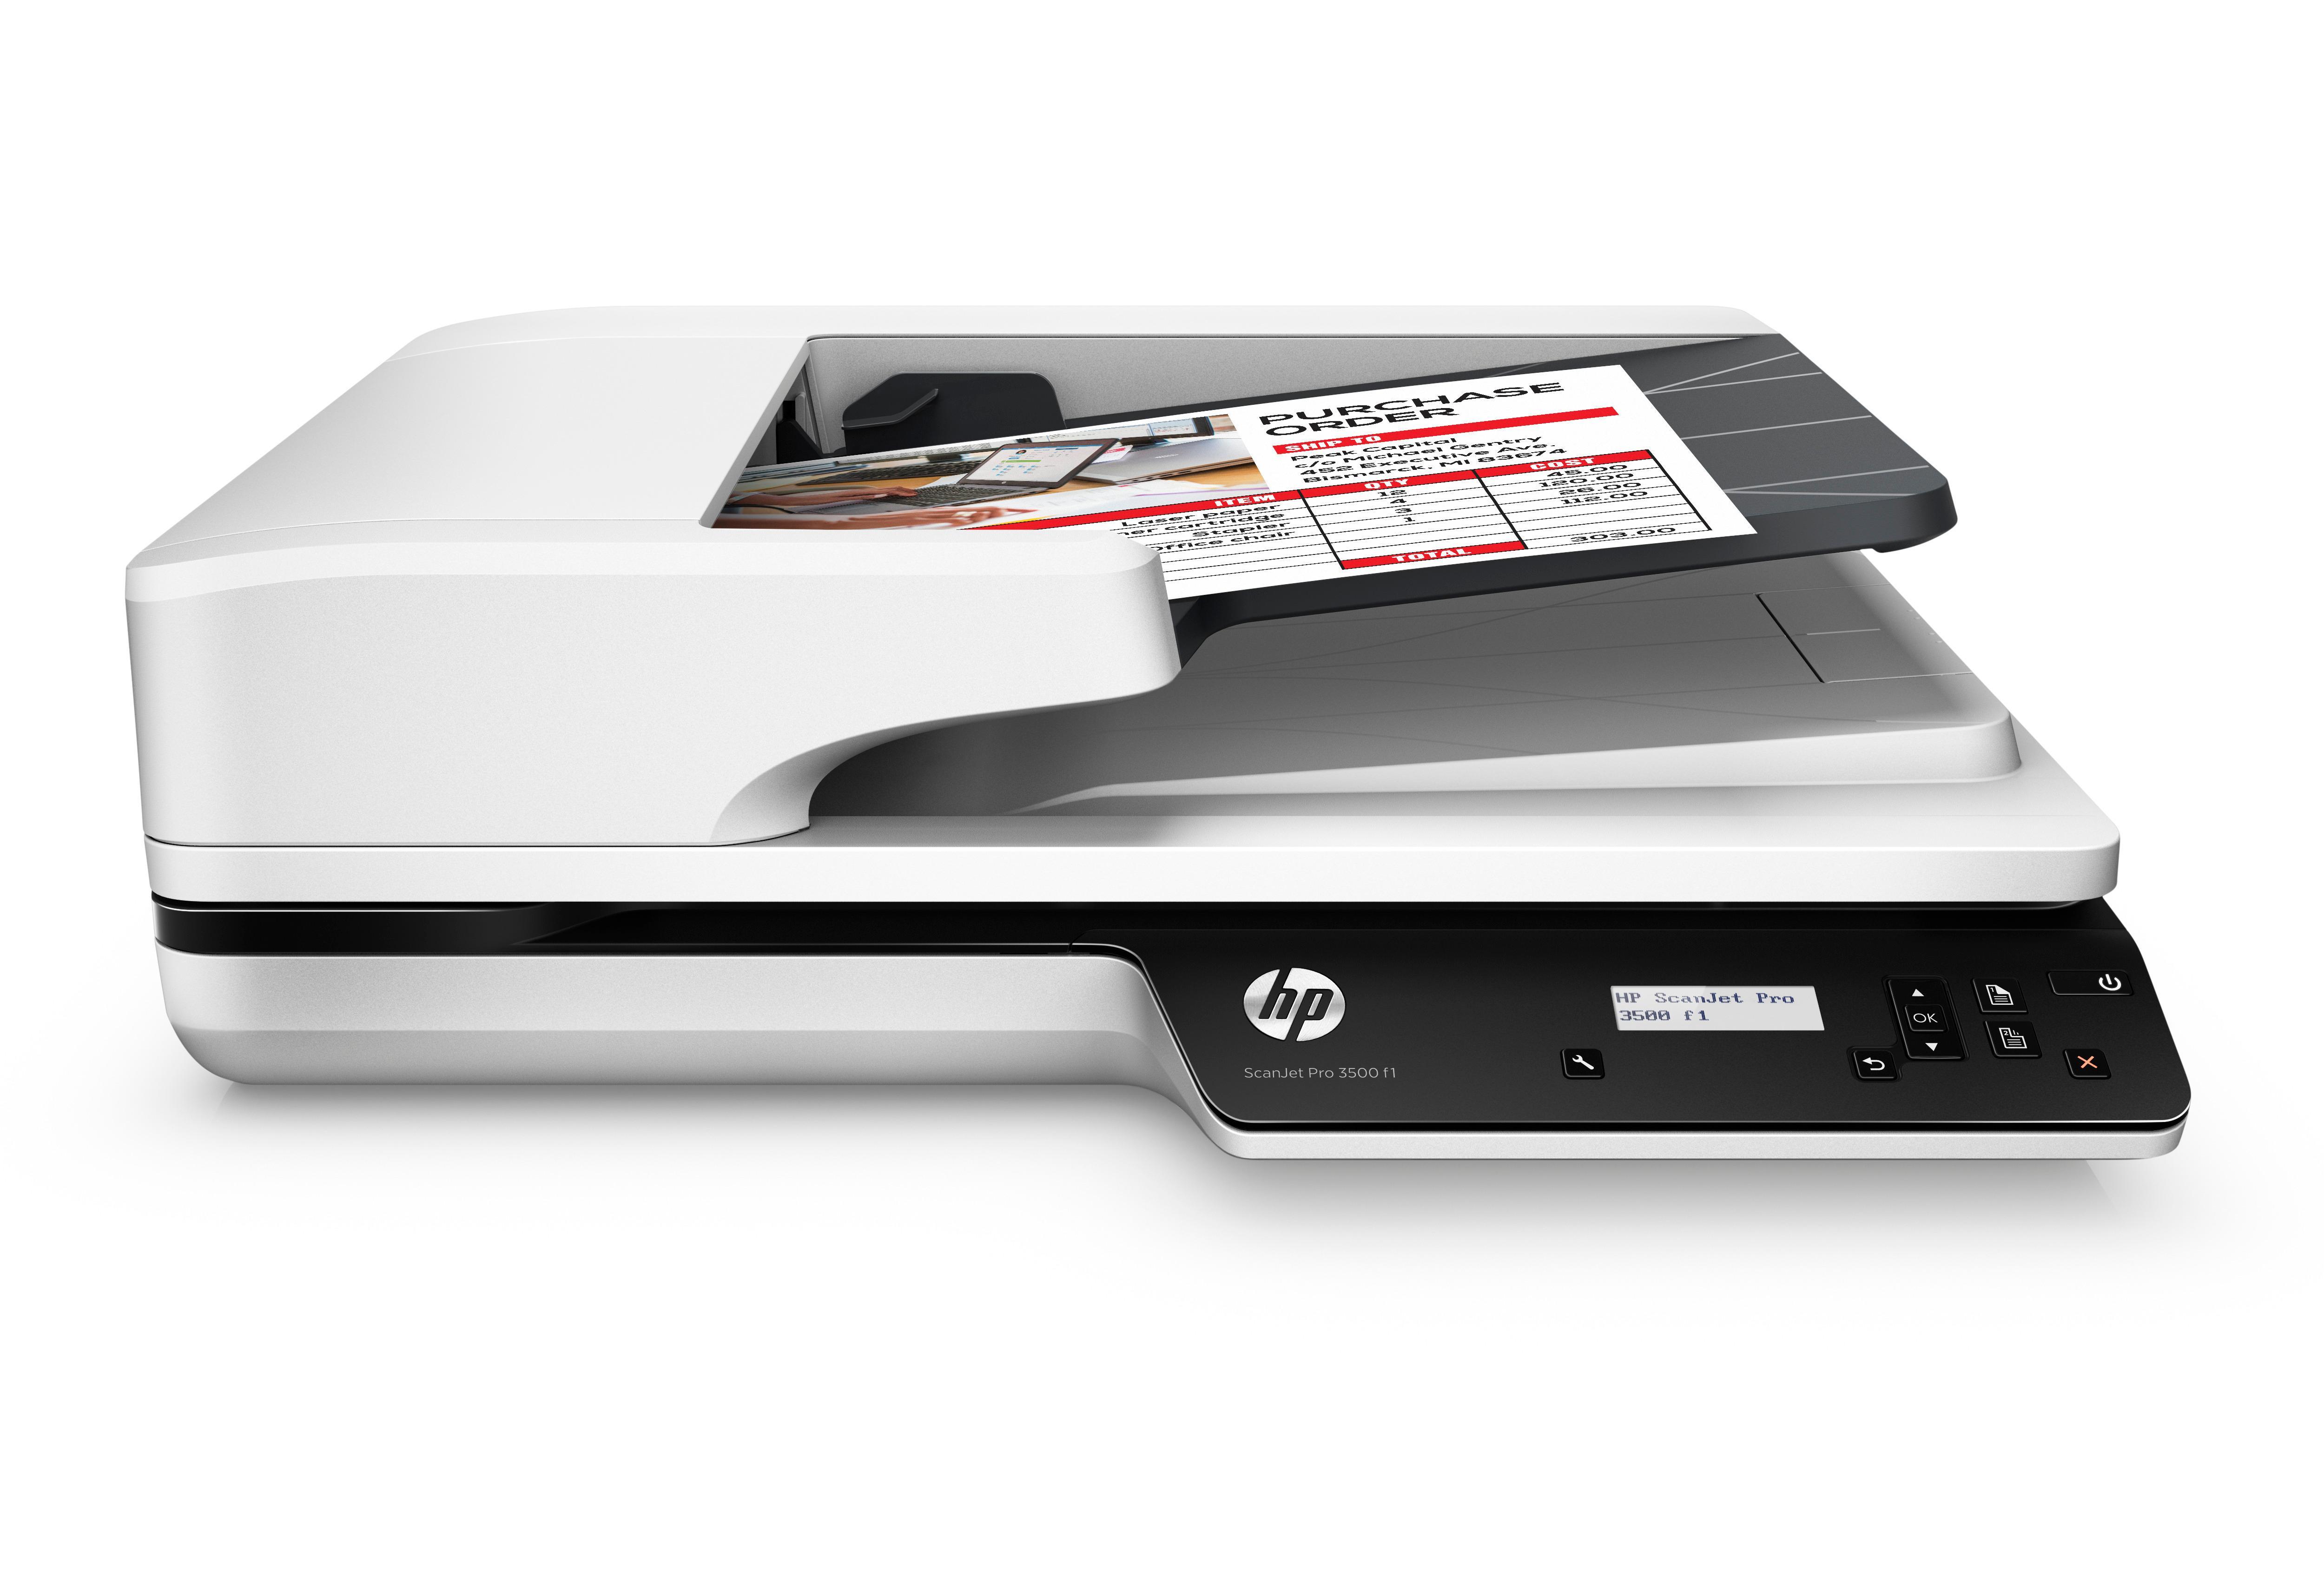 HP L2741A#B19 Scanjet Pro 3500 f1 USB Scanner: Amazon.de